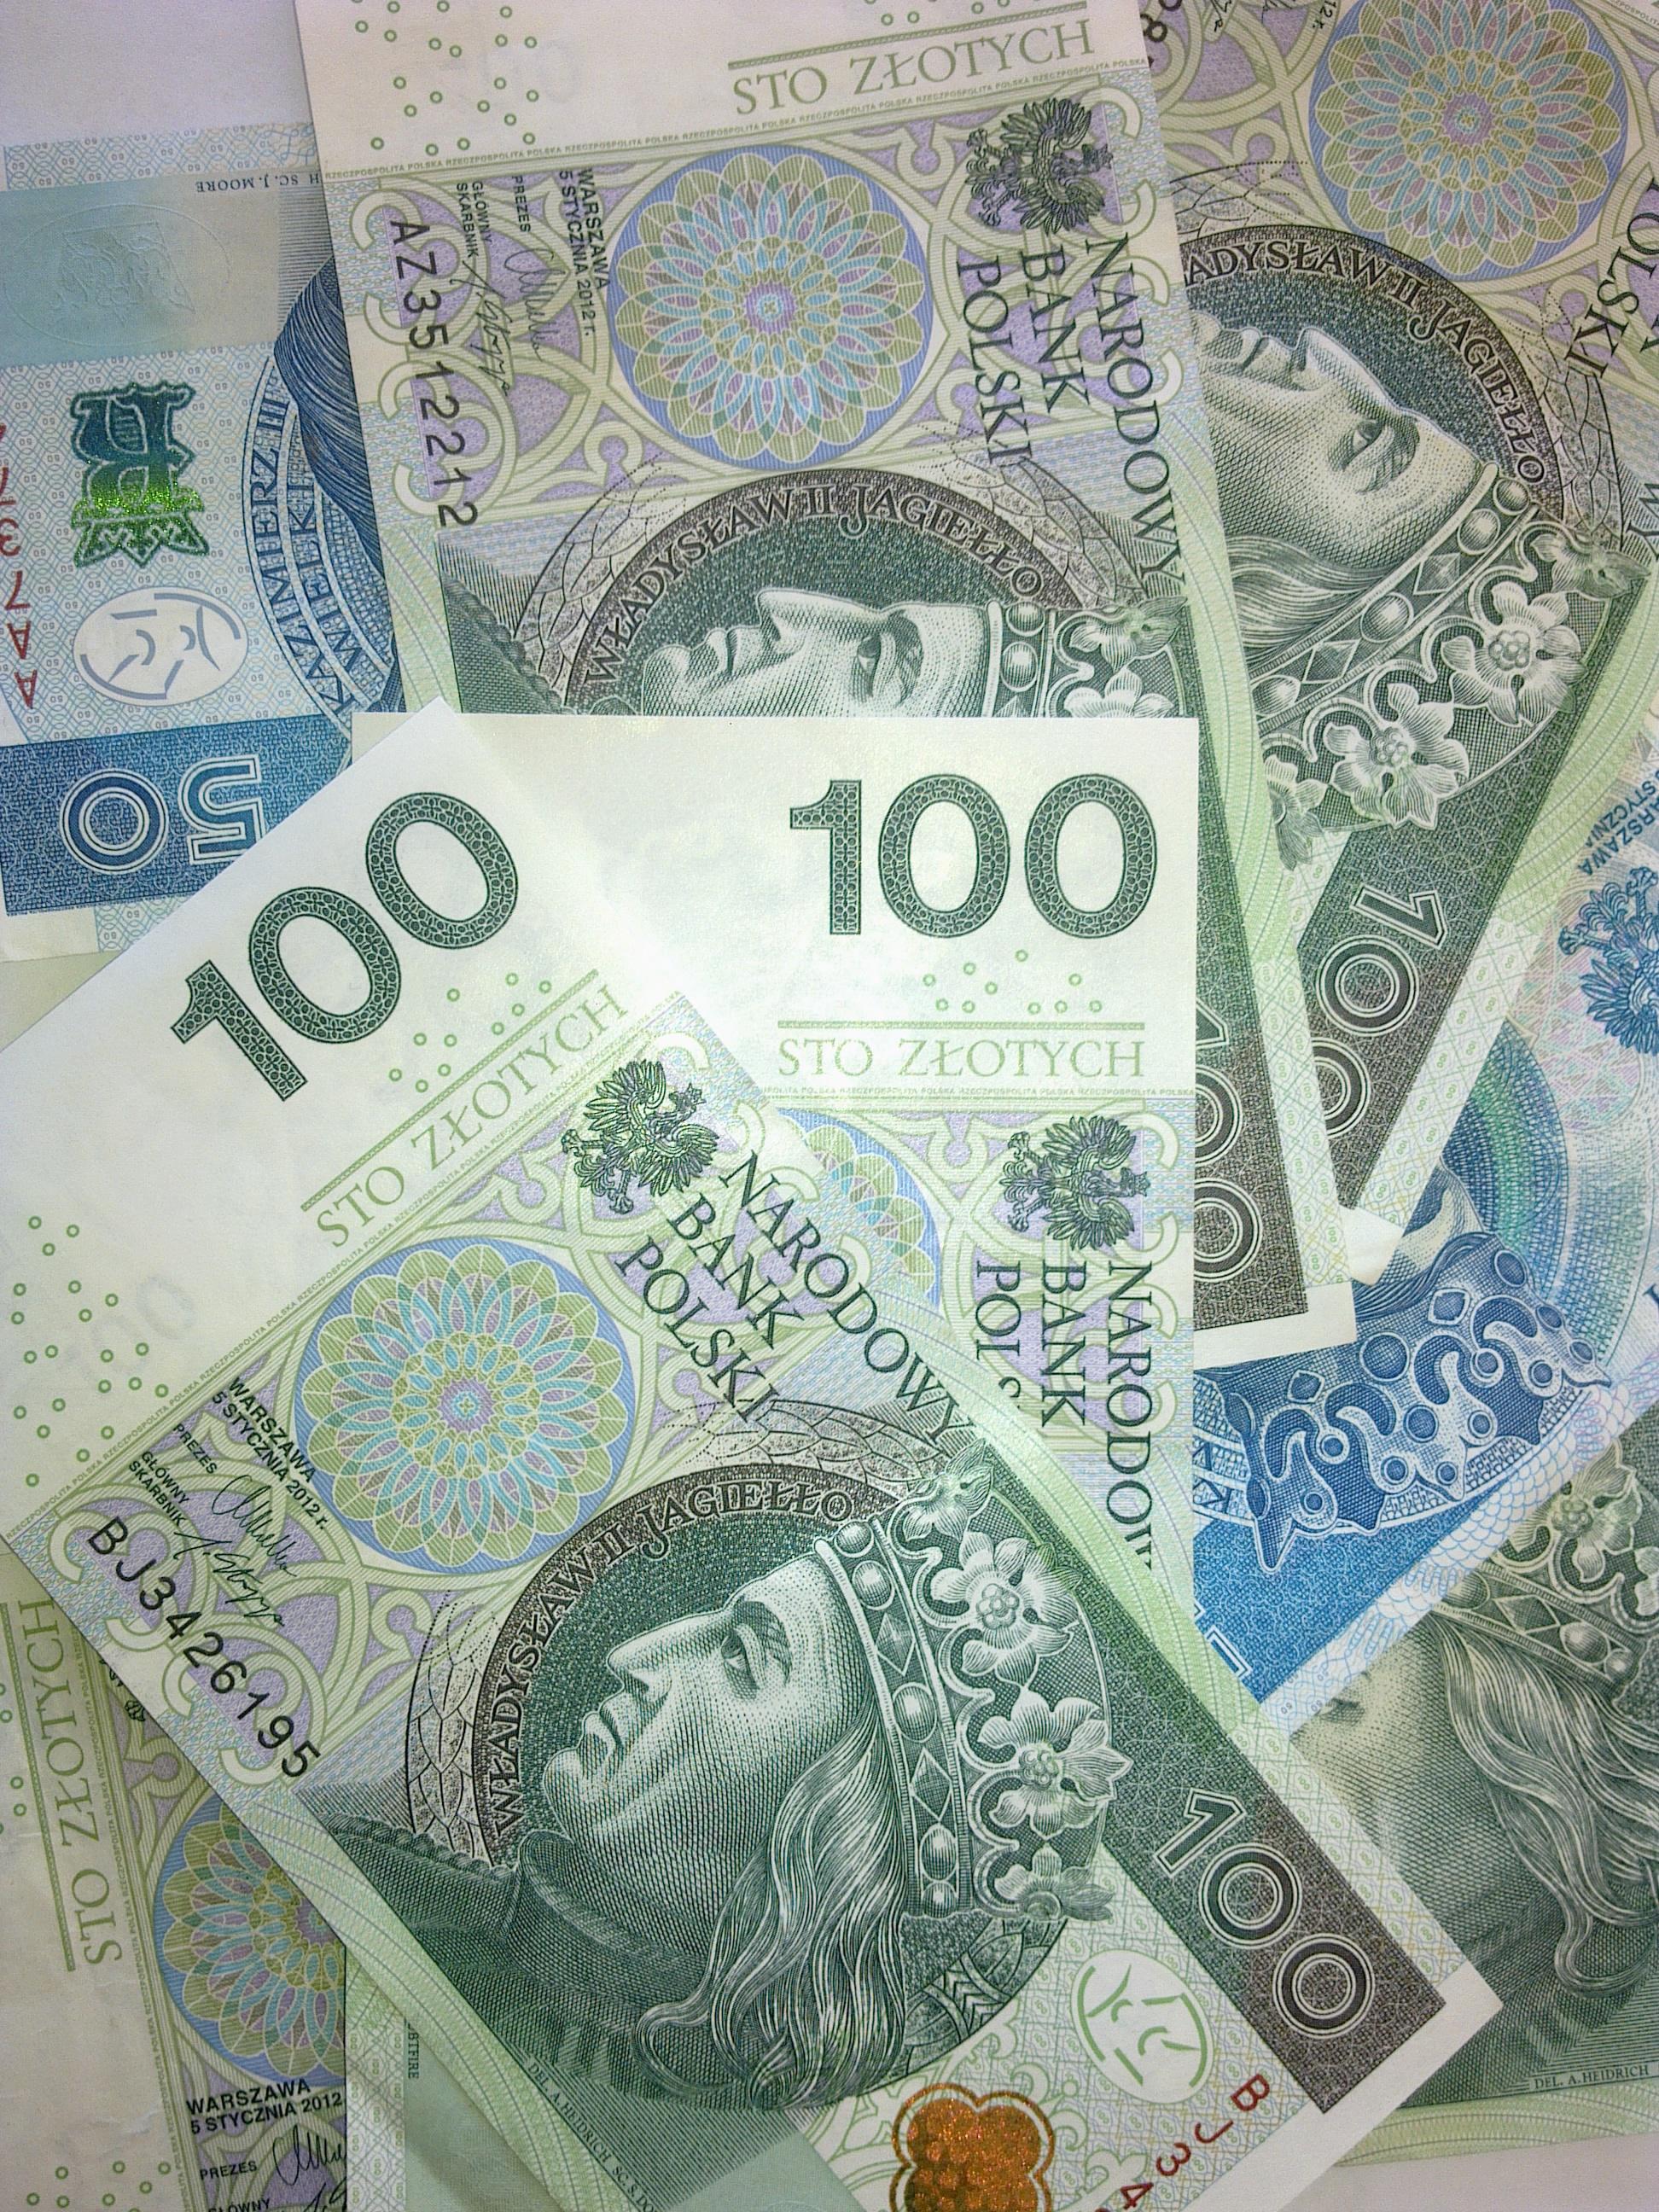 Imagis musi zapłacić prawie 2 mln zł zaległego VAT-u